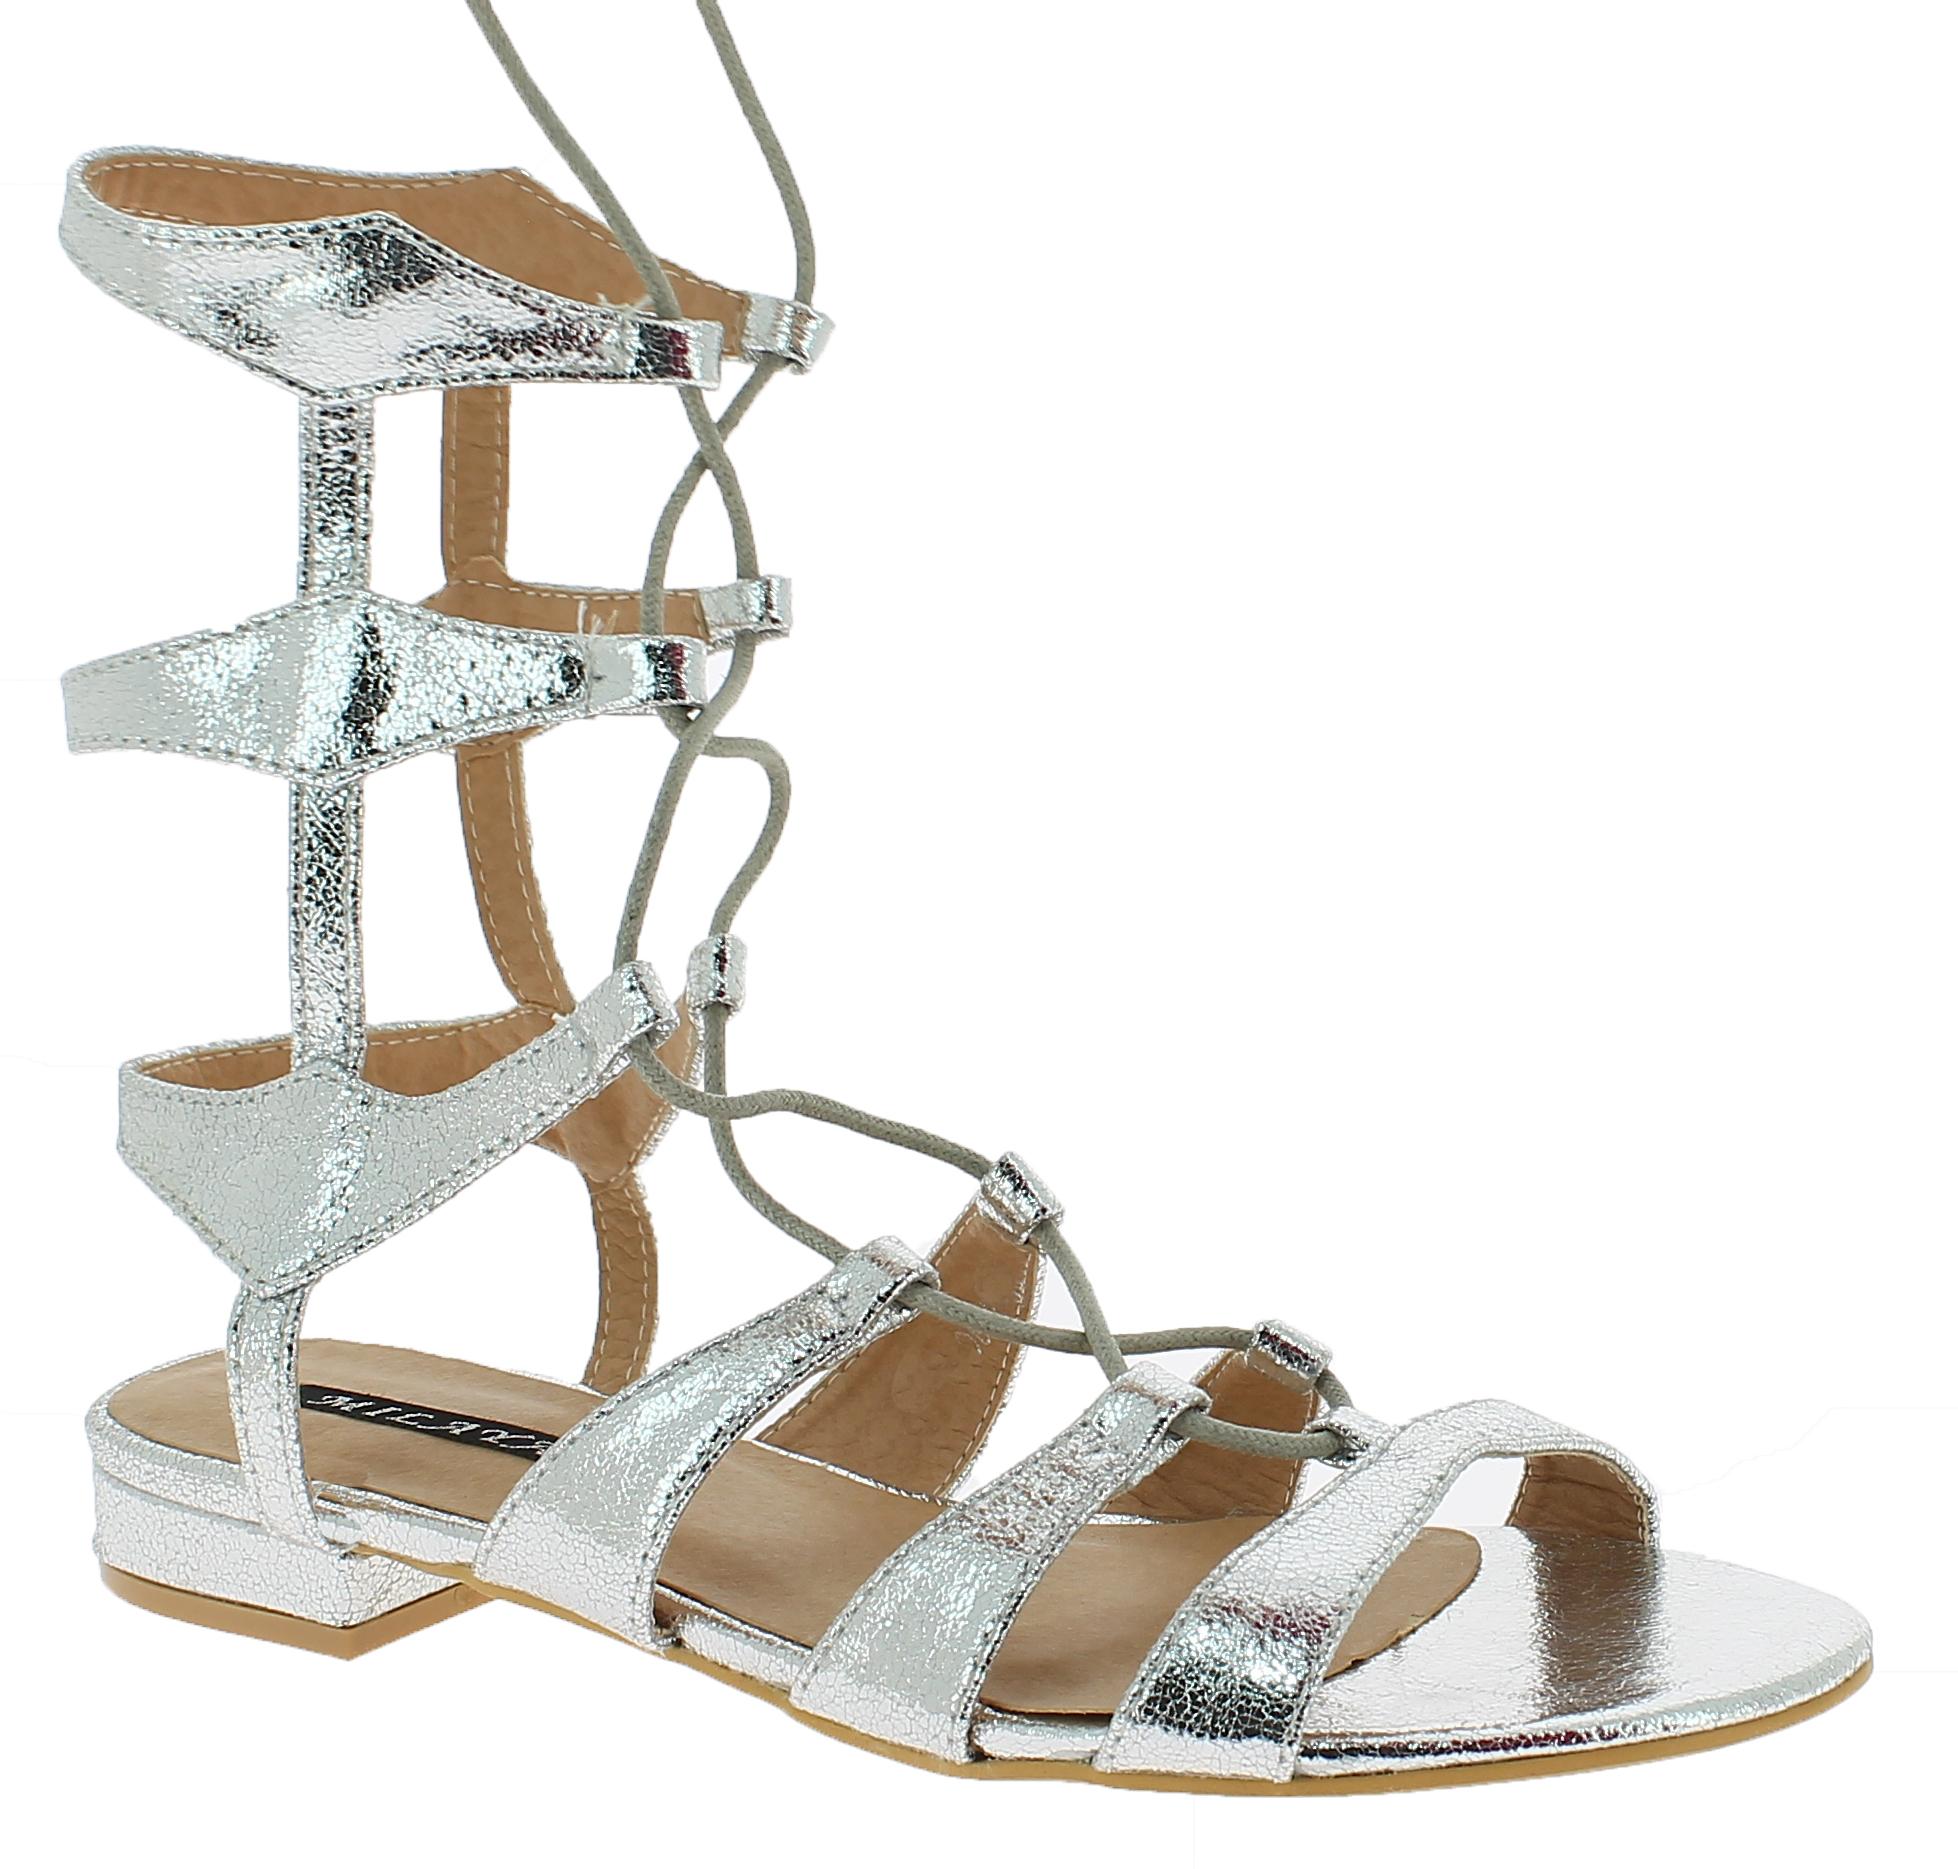 Γυναικεία Σανδάλια FH2H00443 Ασημί - IqShoes - 18.2H004 SILVER-35/1/35/29 παπούτσια  γυναικεία σανδάλια   πέδιλα